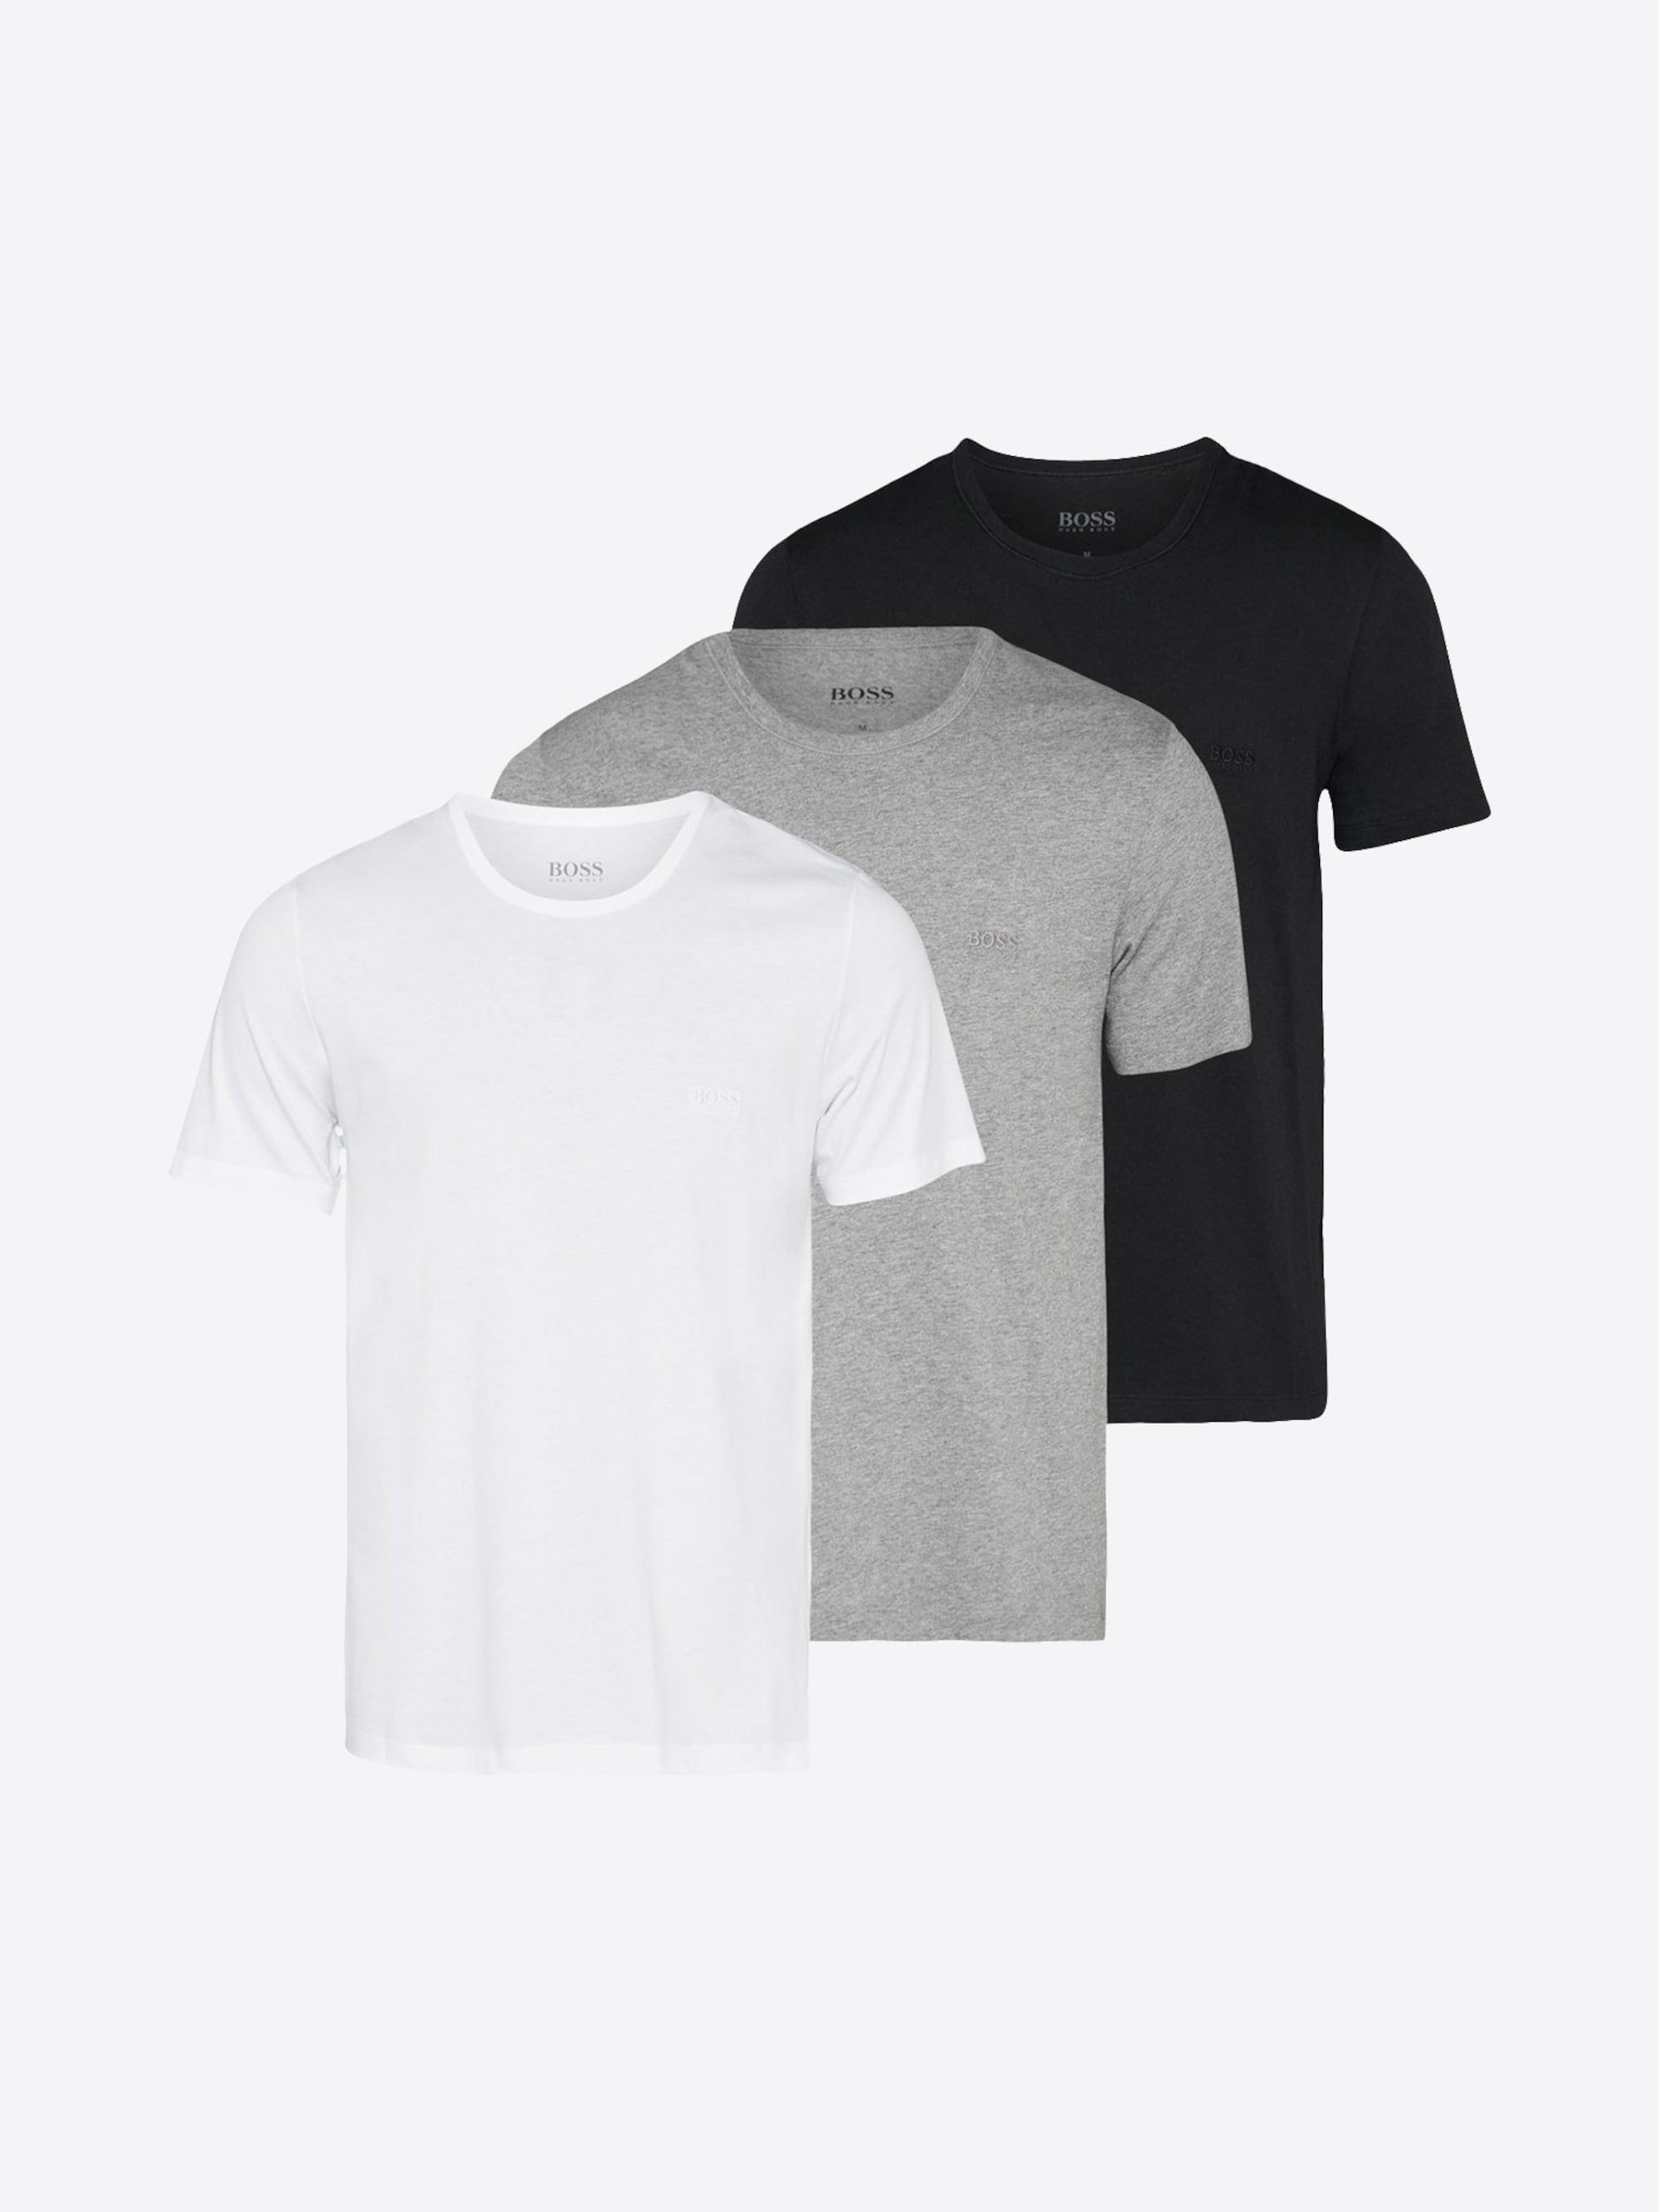 BOSS, Heren Onderhemd RN 3P CO, grijs / zwart / offwhite